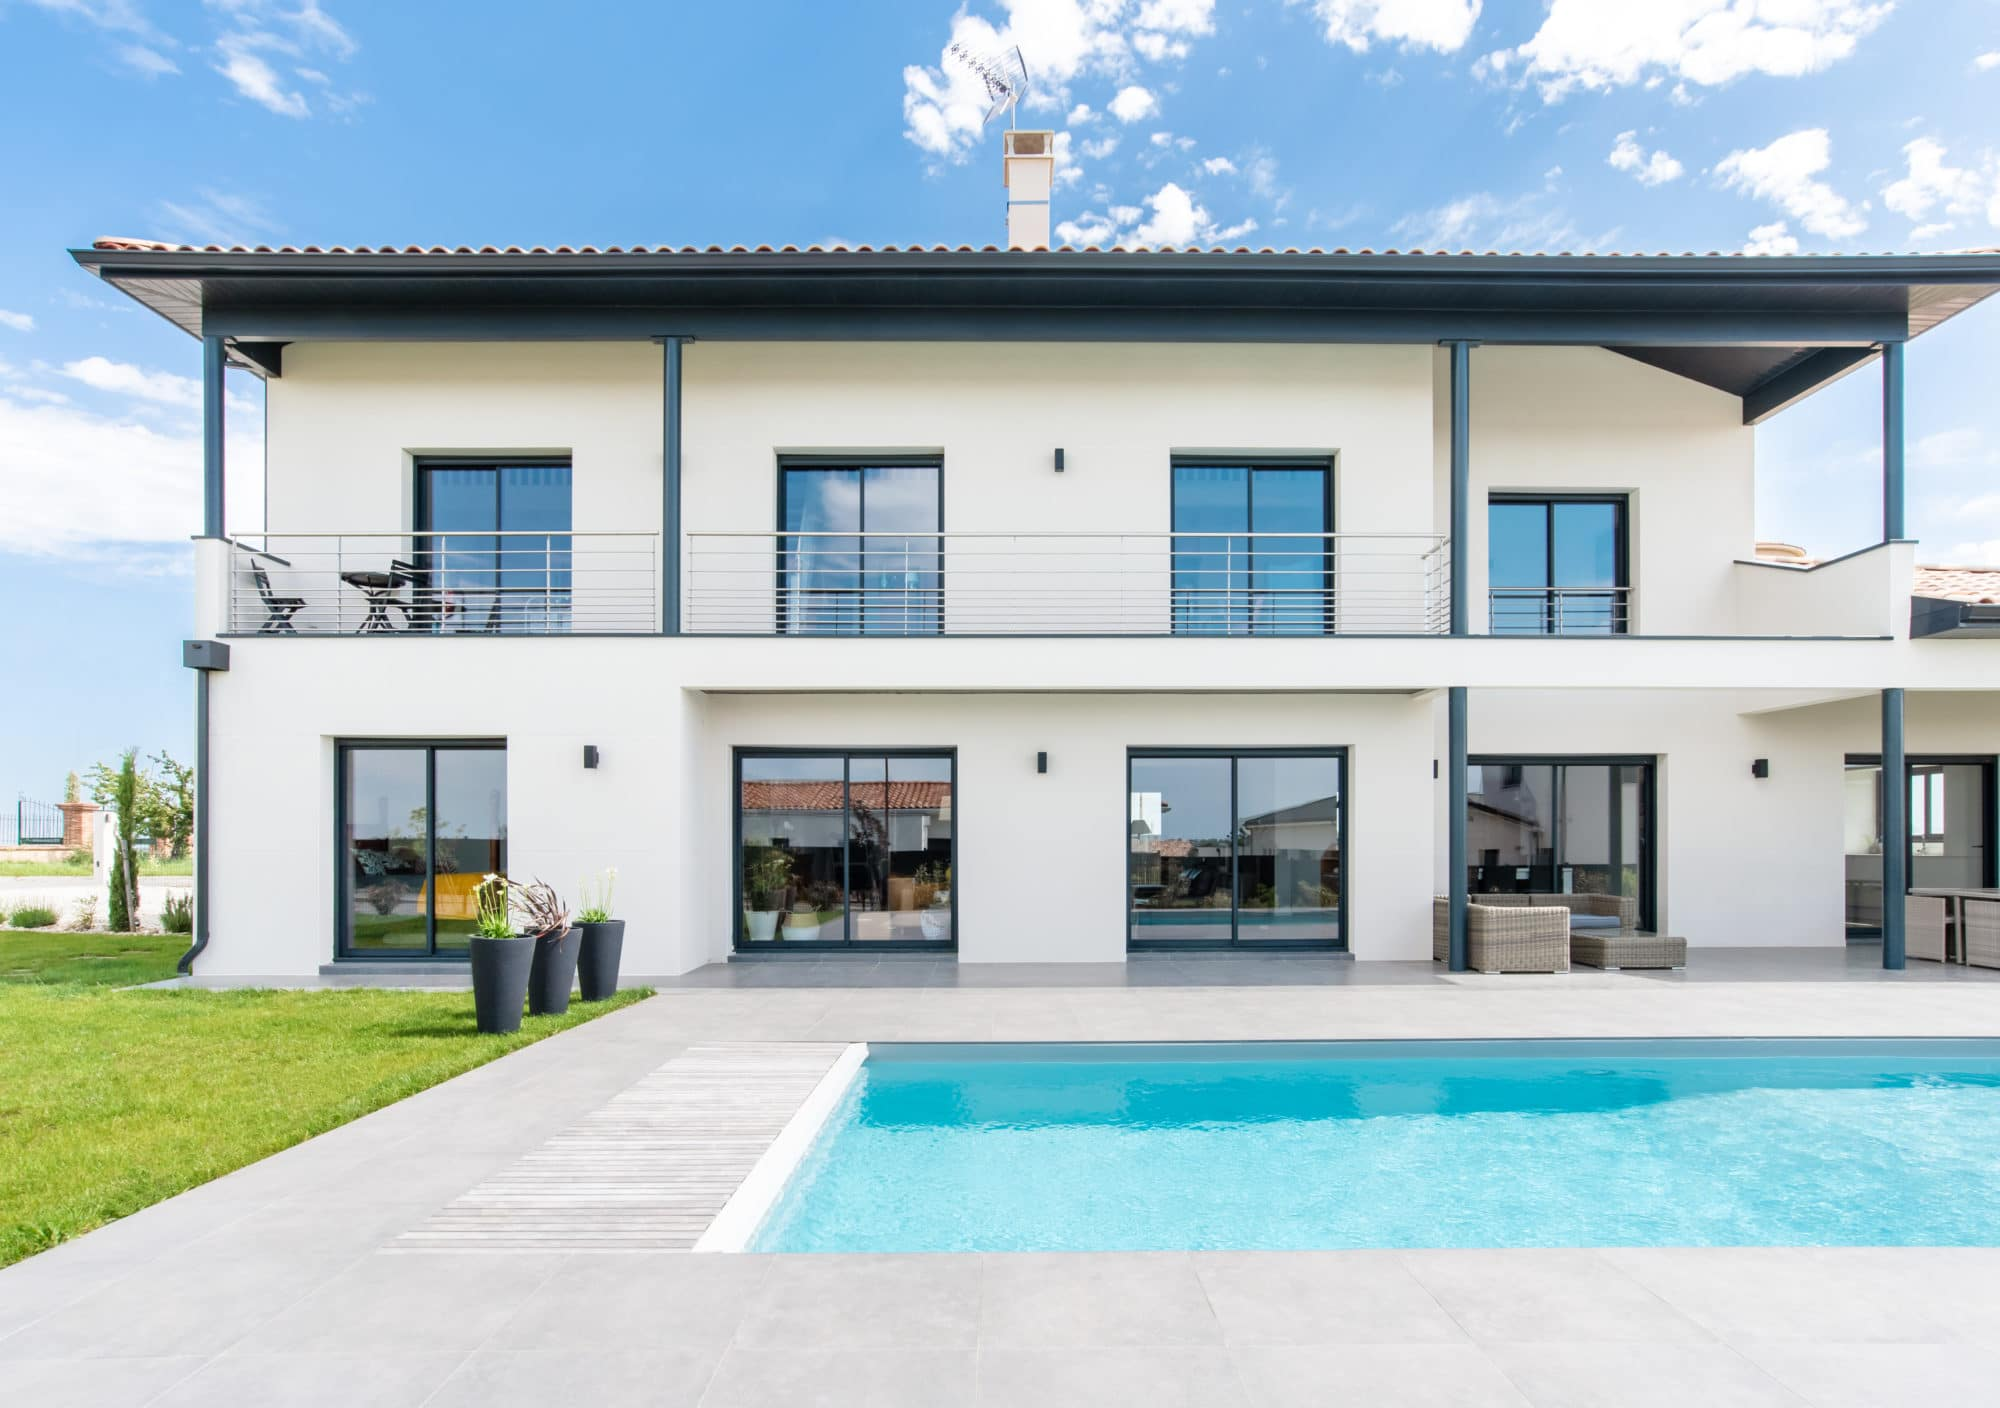 Maison architecte toulouse ventana blog - Architecte toulouse maison contemporaine ...